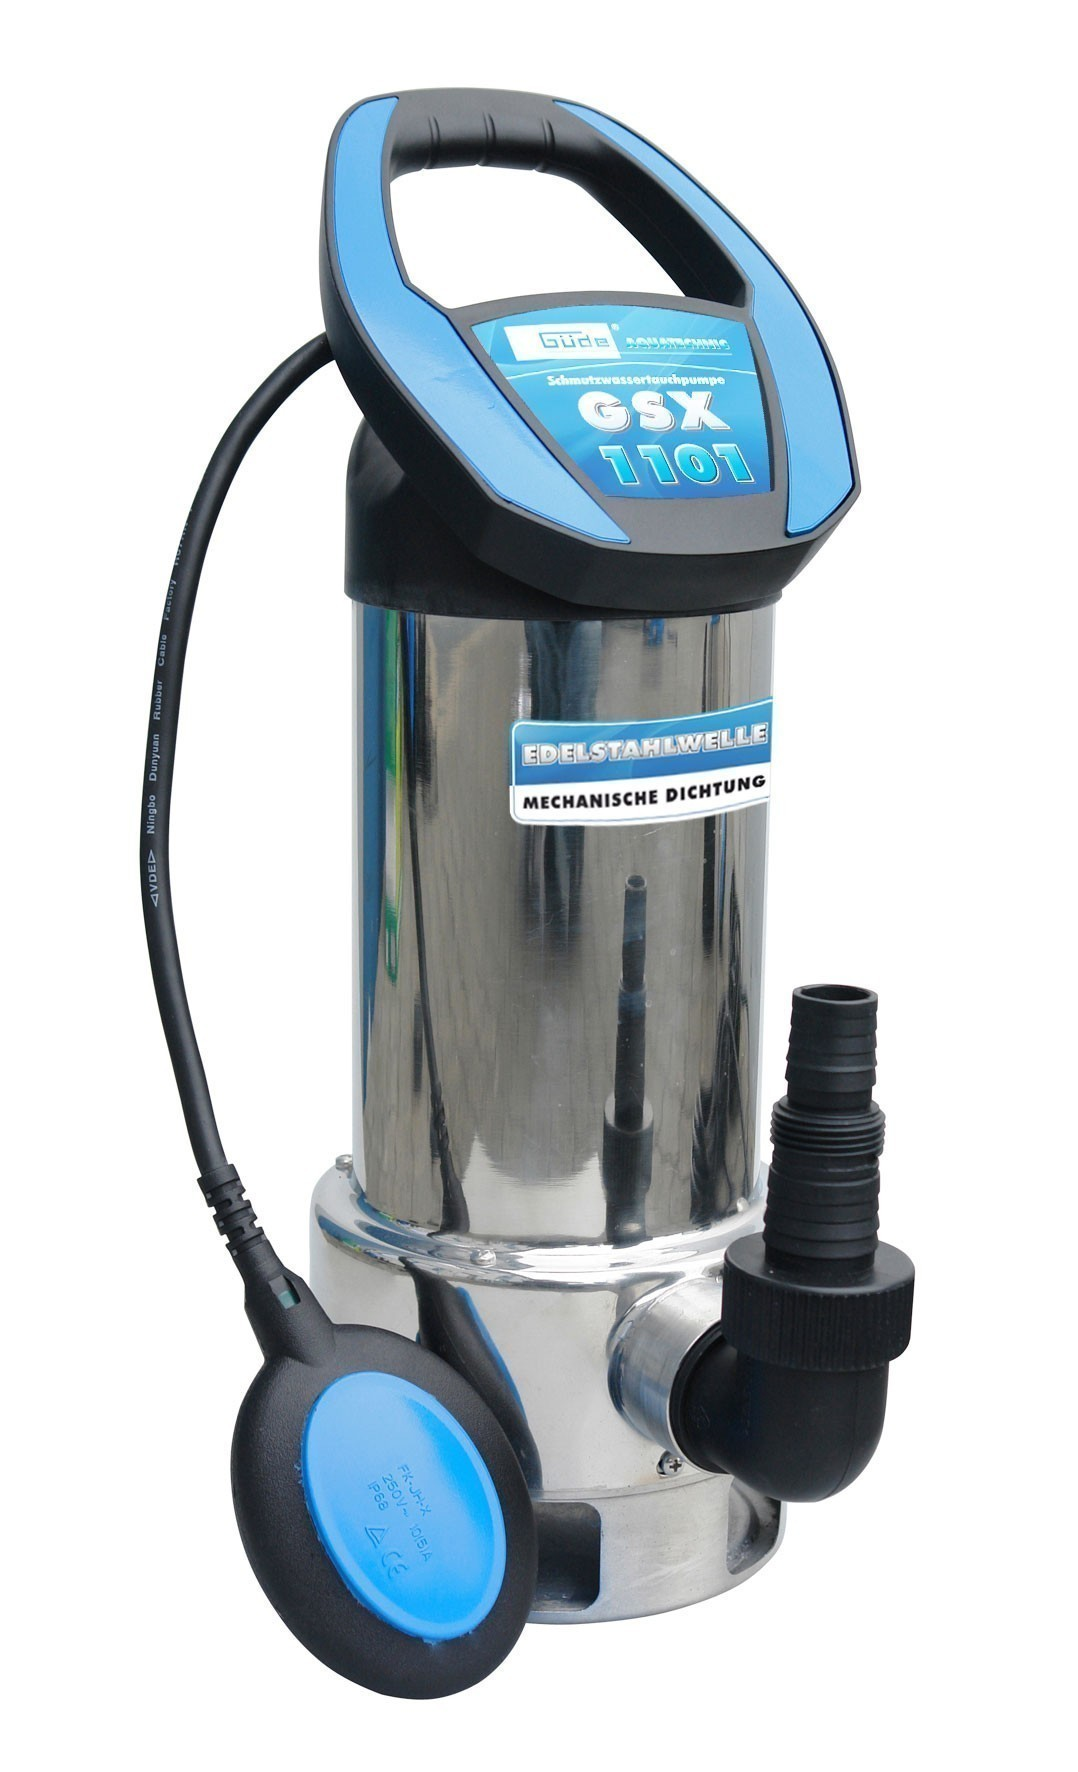 Güde Schmutzwasser Tauchpumpe GSX 1101 1100W Bild 1